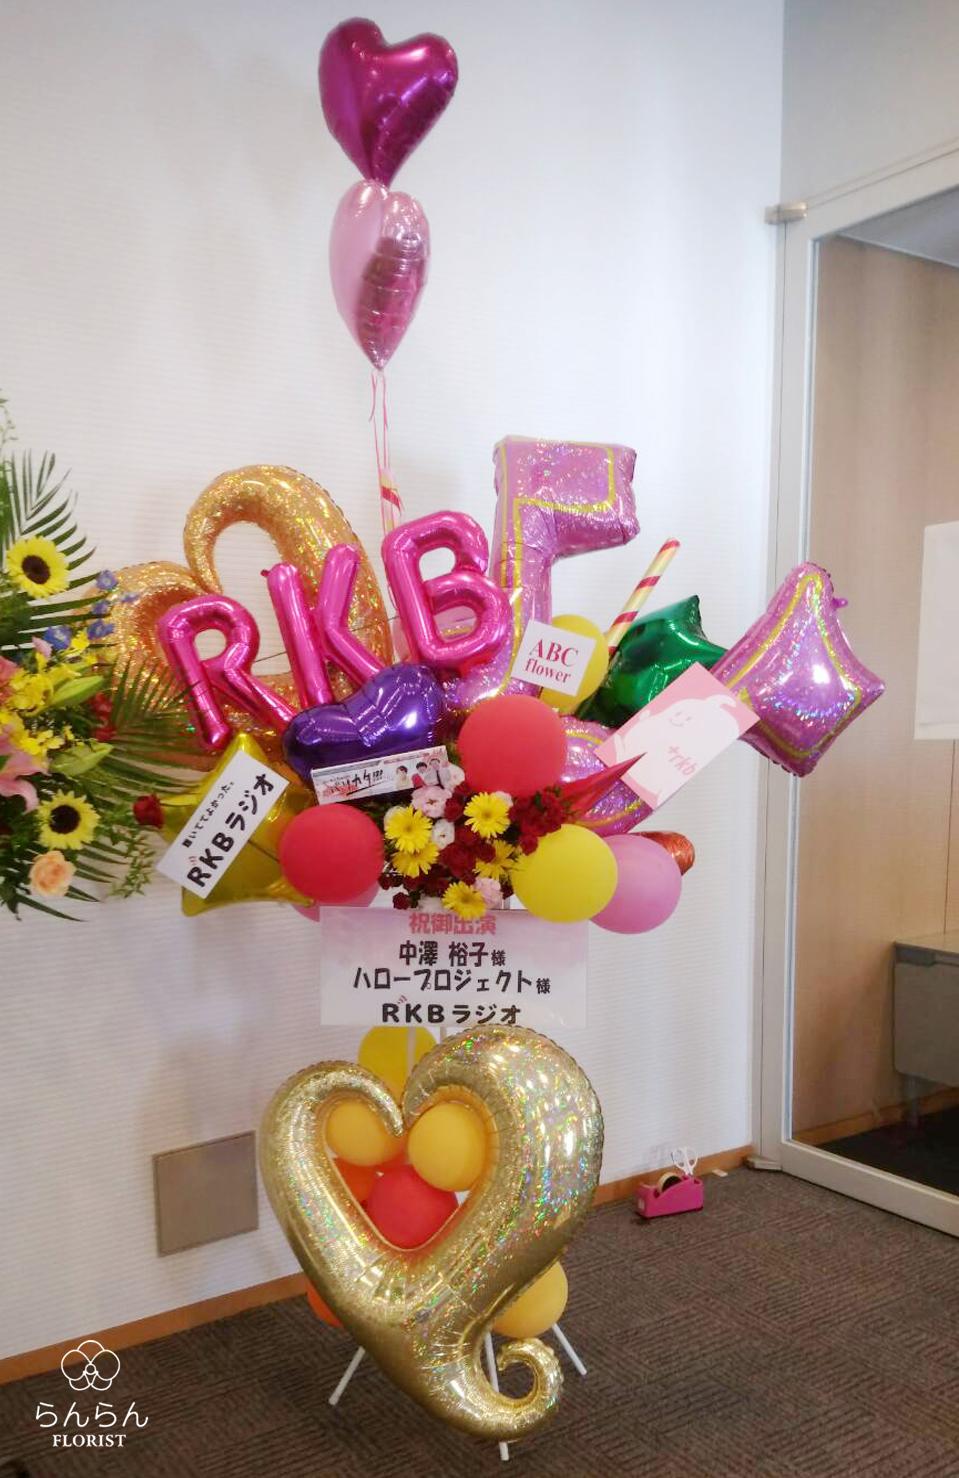 ハロープロジェクト・中澤裕子 お祝いスタンド花